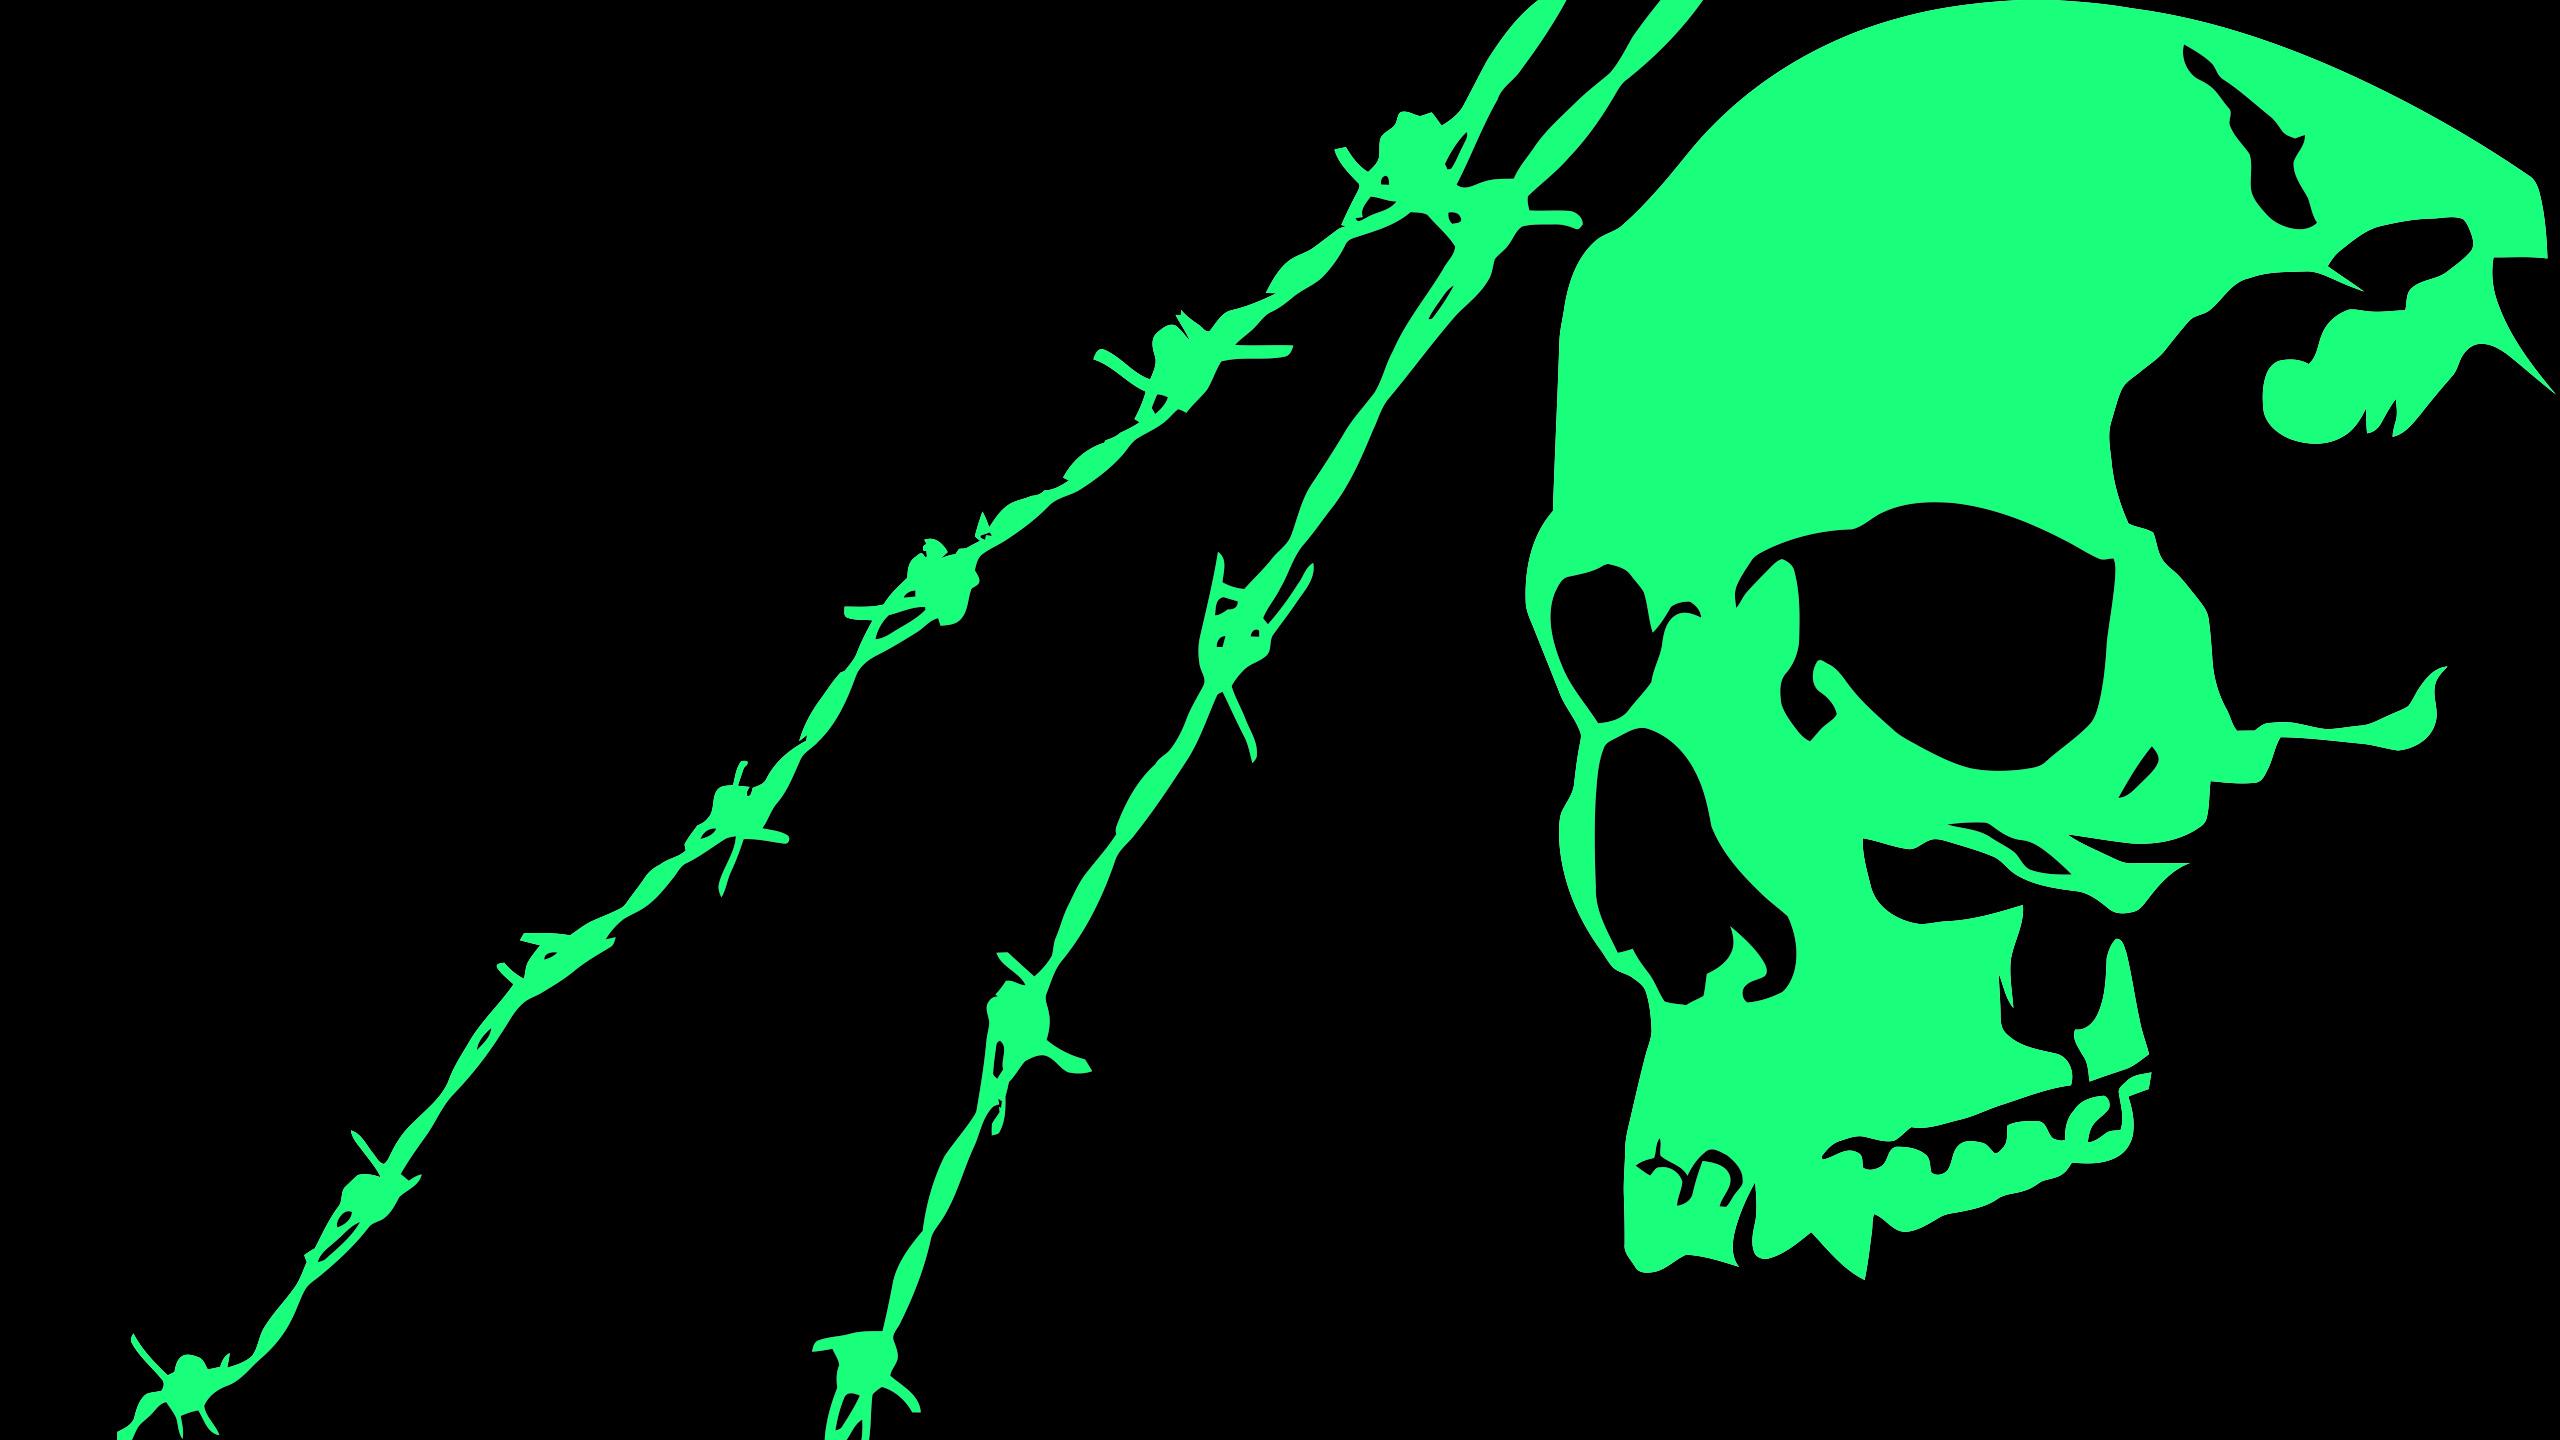 2560x1440 Black Green Skull Minimalist 1440P Resolution HD ...